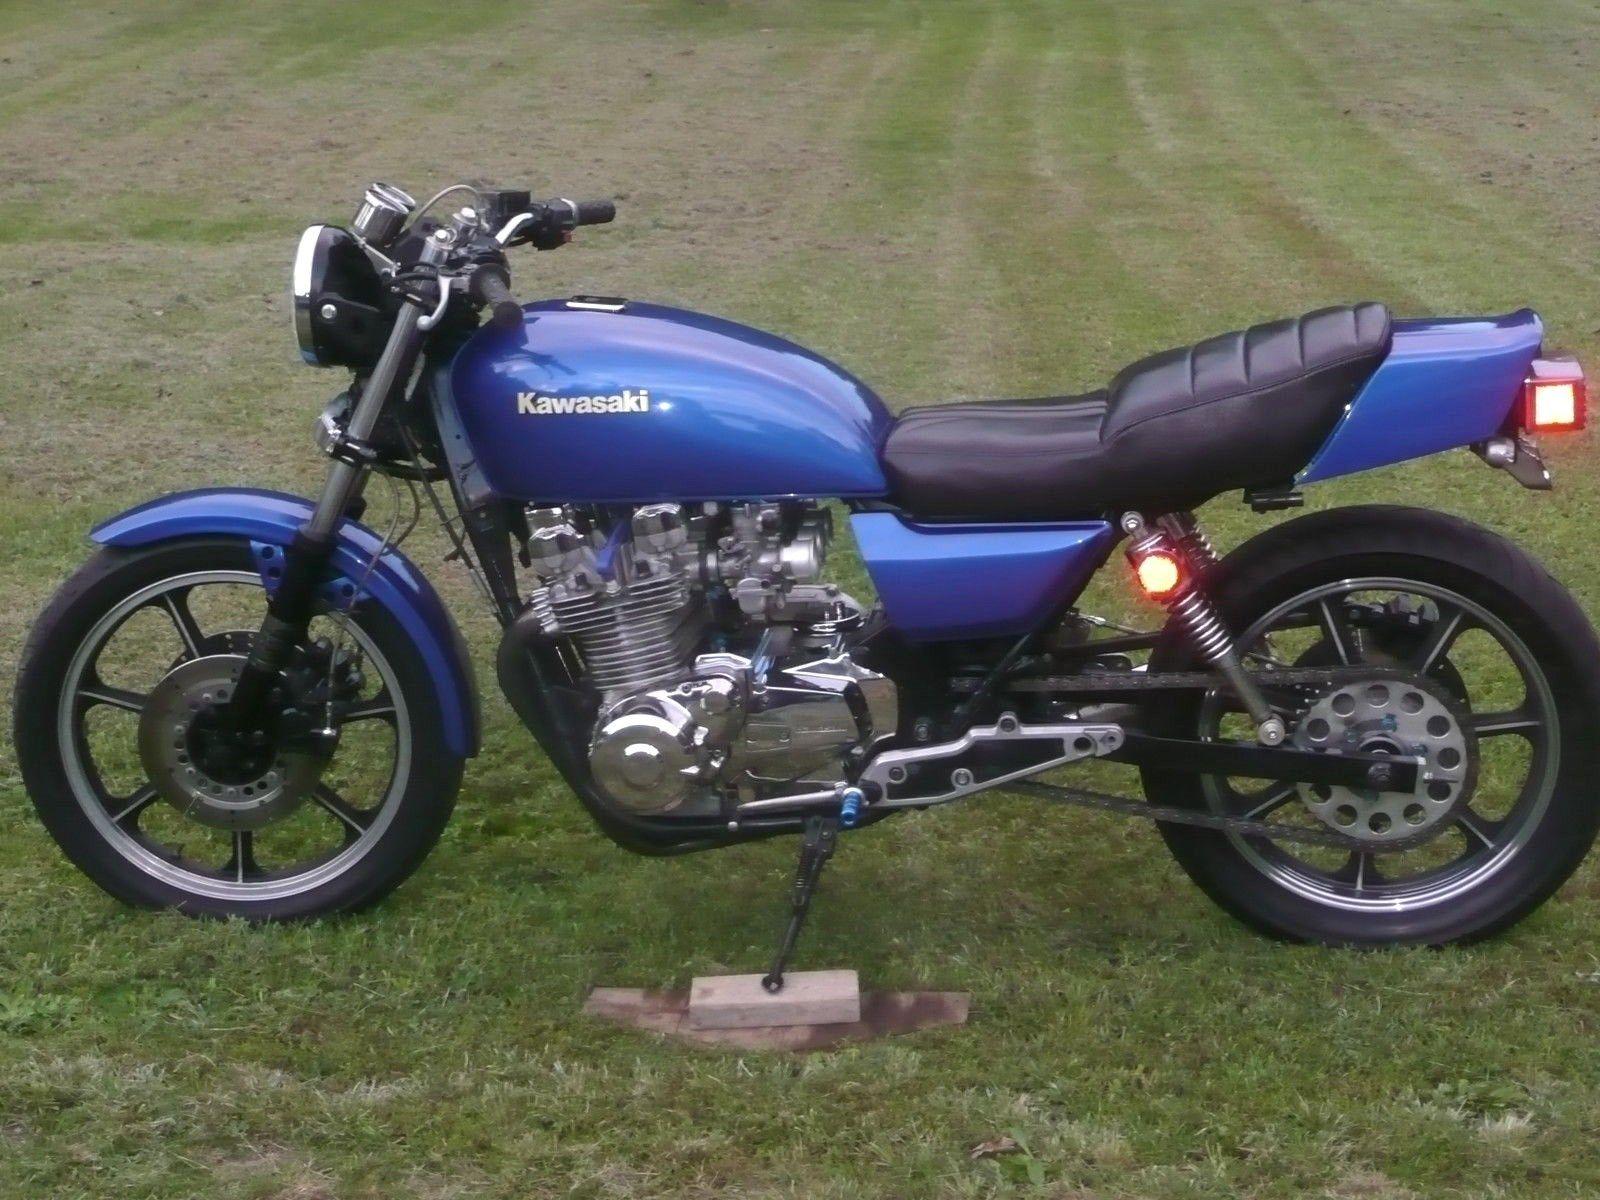 82 Kz 1000 J Kz1000j 1229cc Mtc Ape Dyna Pingel Mikuni Kosman Kz1000 Ignition Coils Wiring Diagram For Mk2 1980 1982 Kawasaki Other